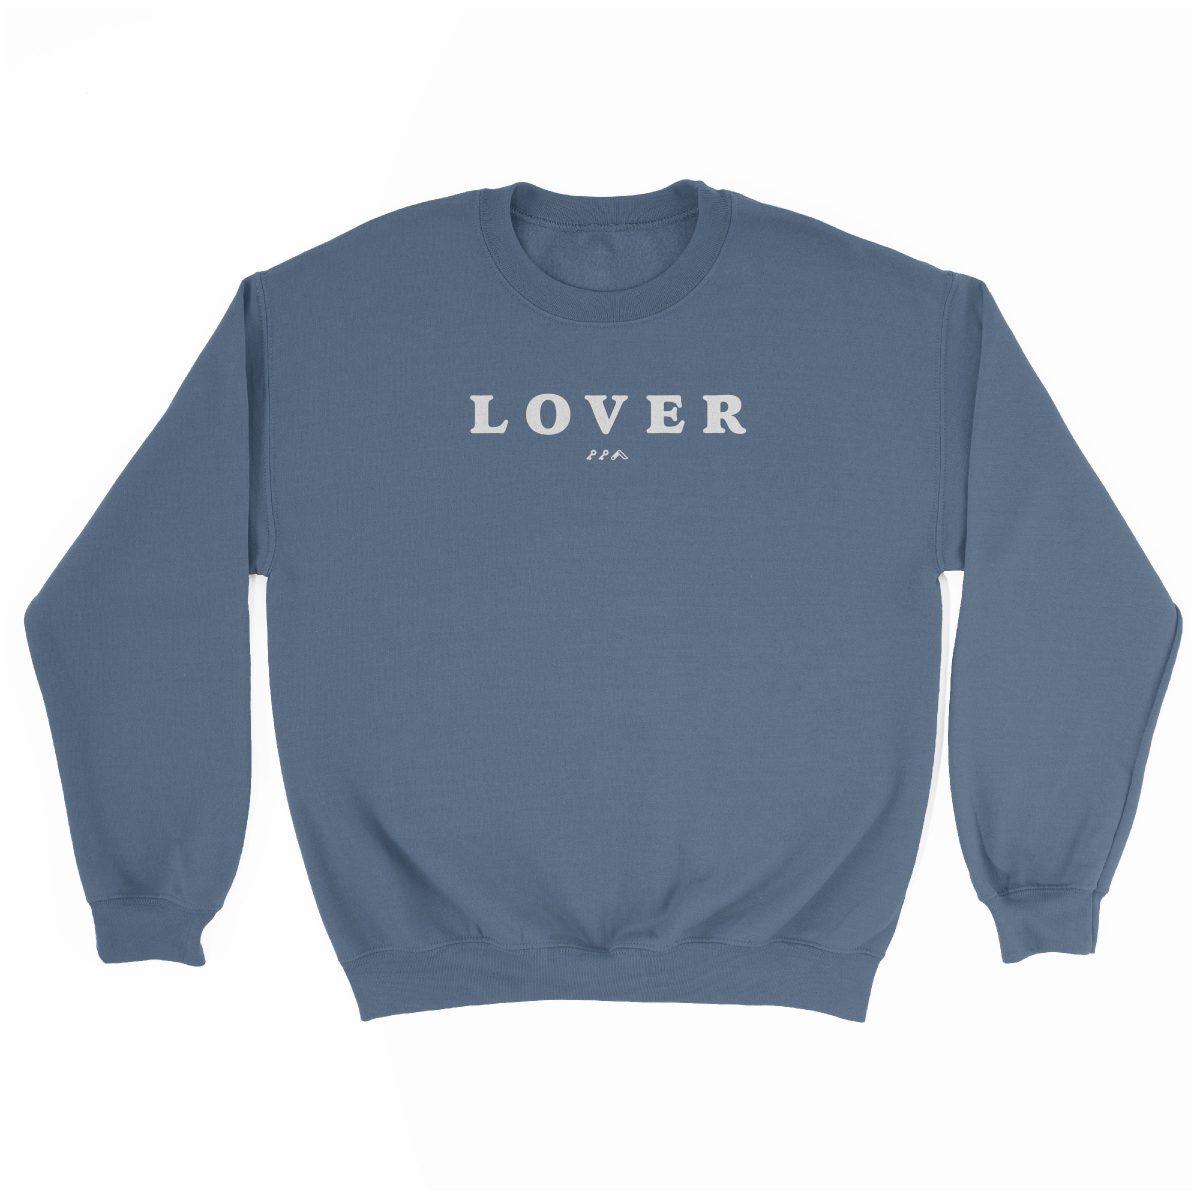 LOVER super soft unisex sweatshirt in indigo at kikicutt.com